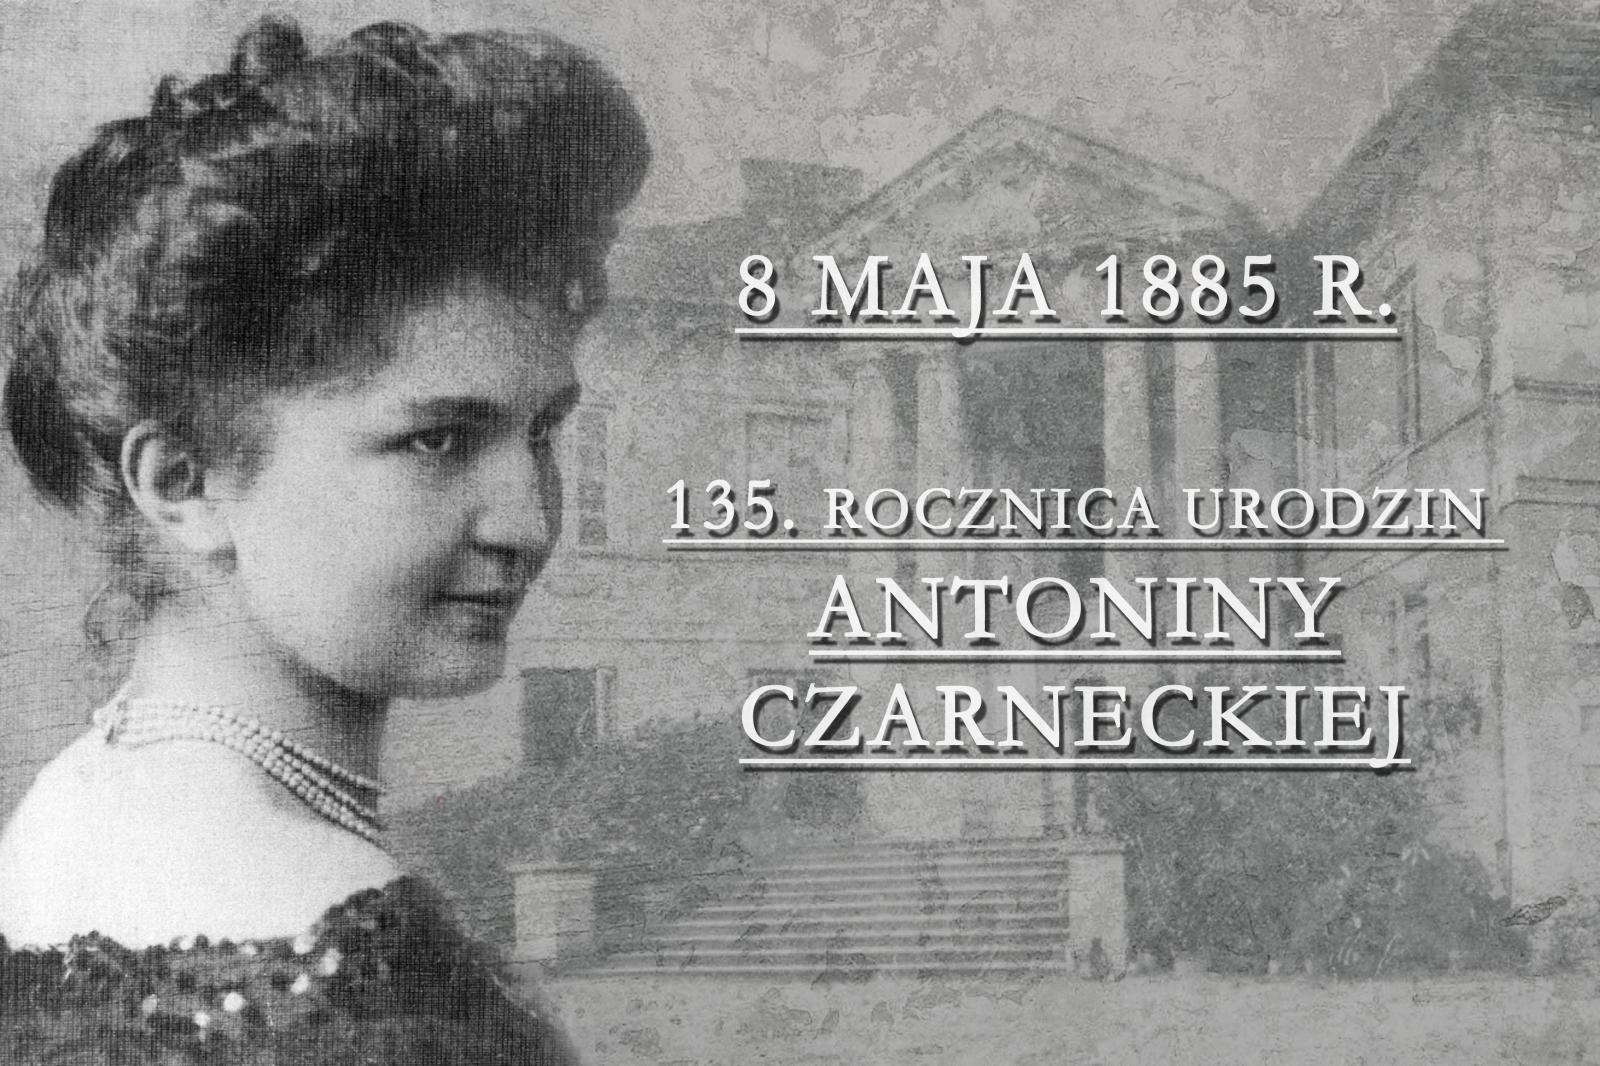 8 MAJA 1885 R. - 135. ROCZNICA URODZIN ANTONINY CZARNECKIEJ